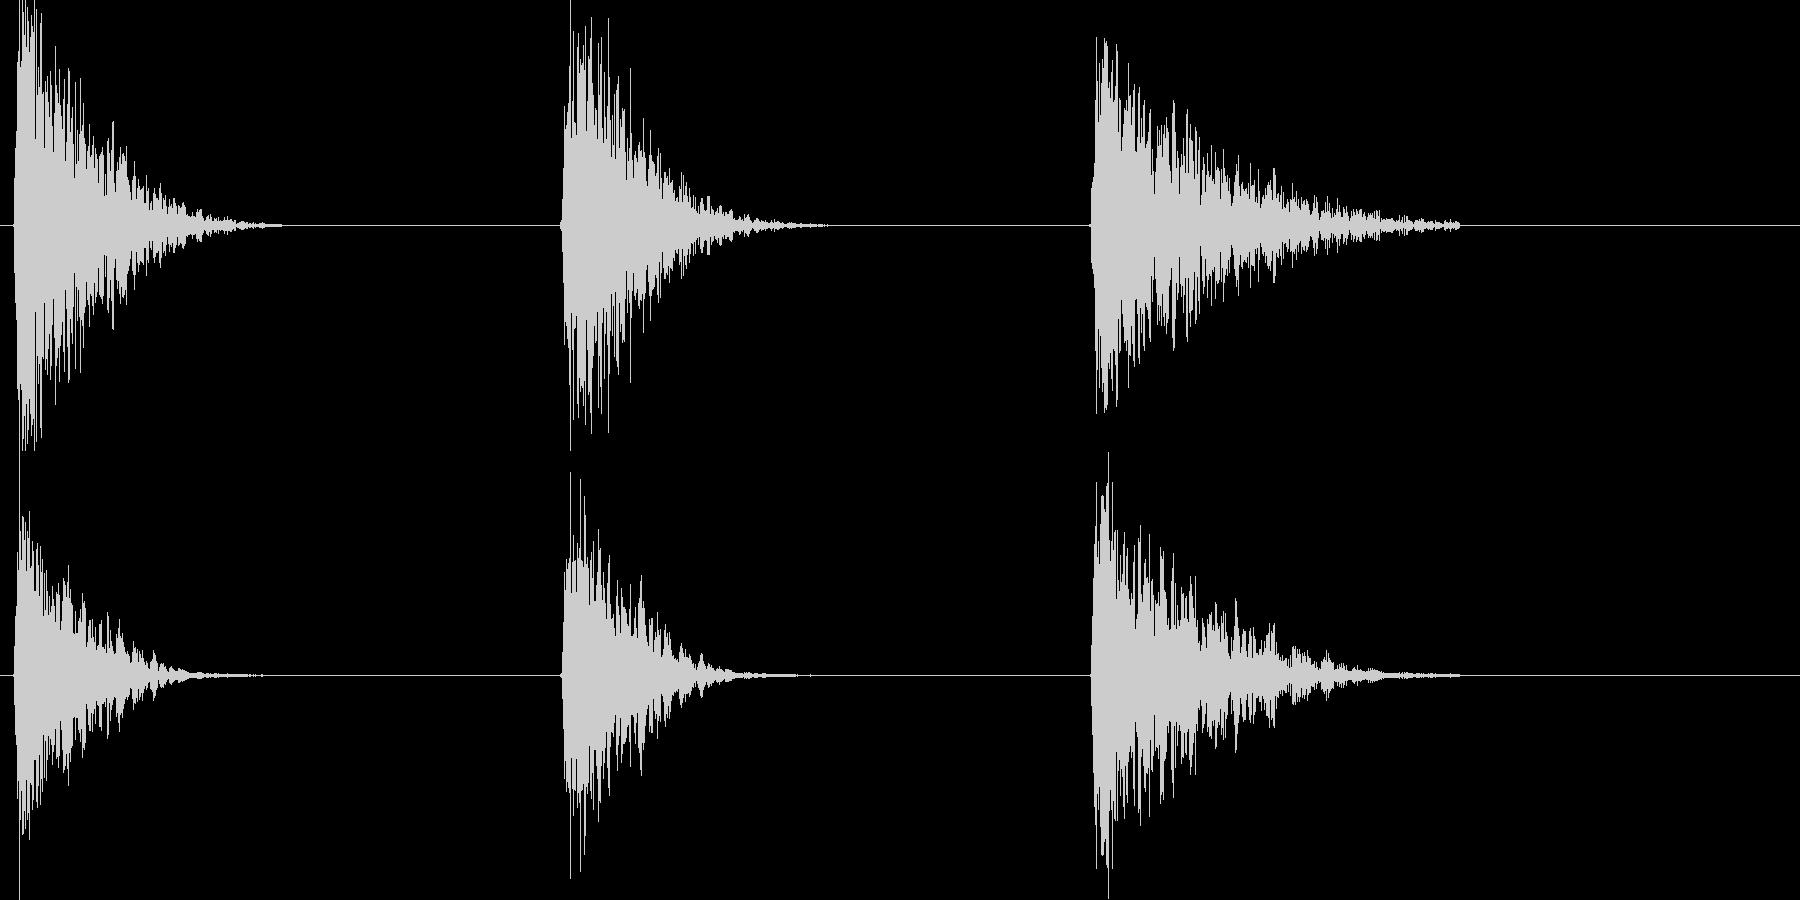 爆発ファイアバースト、カタパルト、...の未再生の波形